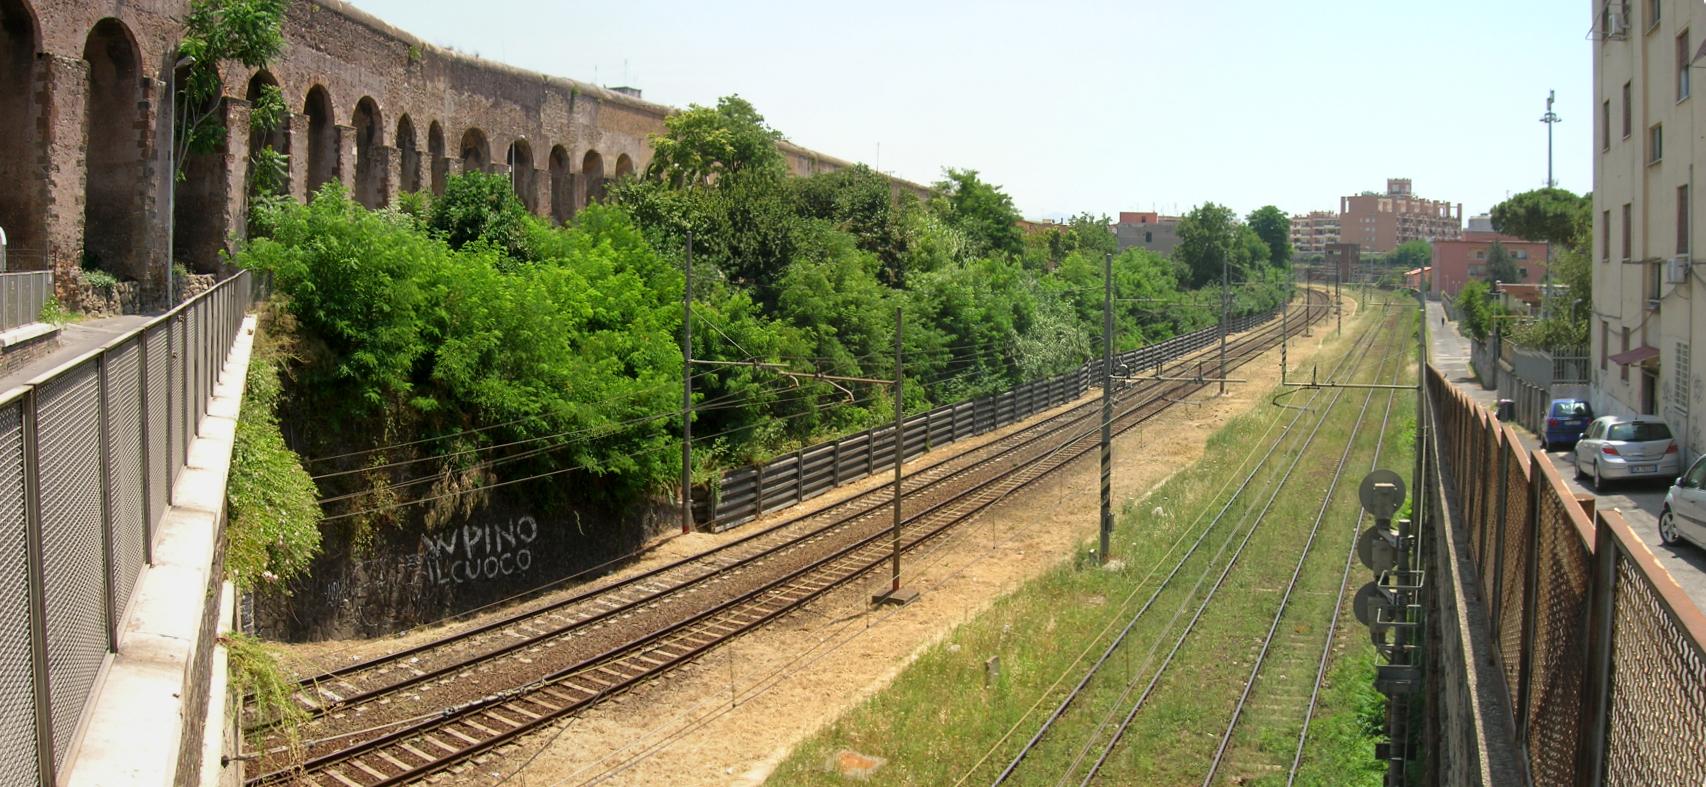 Via del Bivio del Mandrione 8 00181 - Rome - Italy VOIP :+39 06 56567396 OFFICE : +39 06 20976668